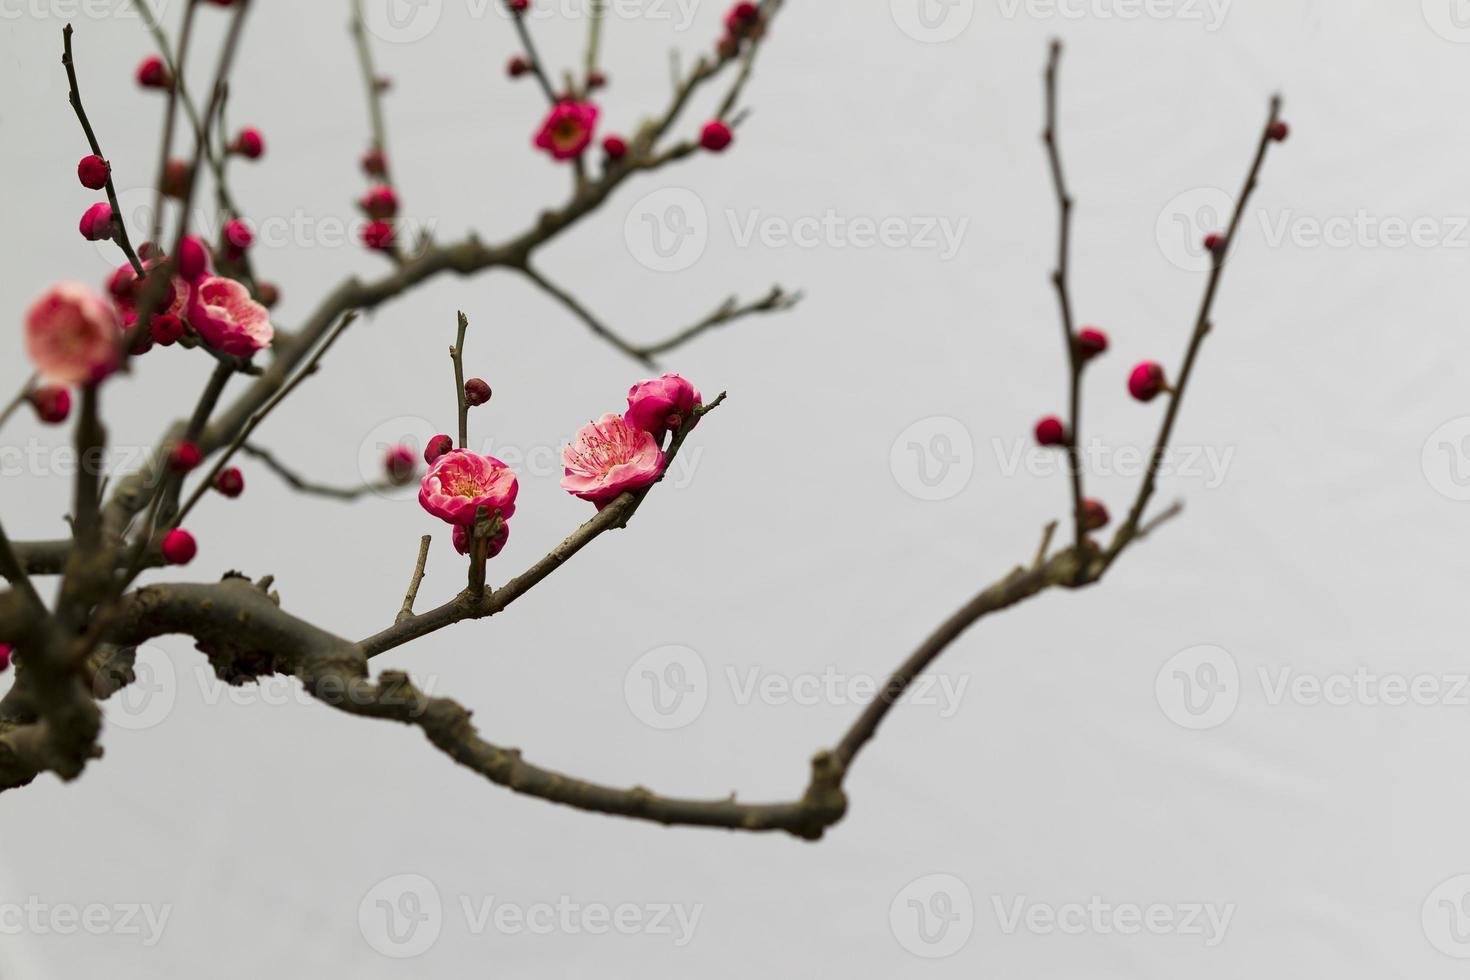 fiore di prugna, 梅花 出 墙 foto